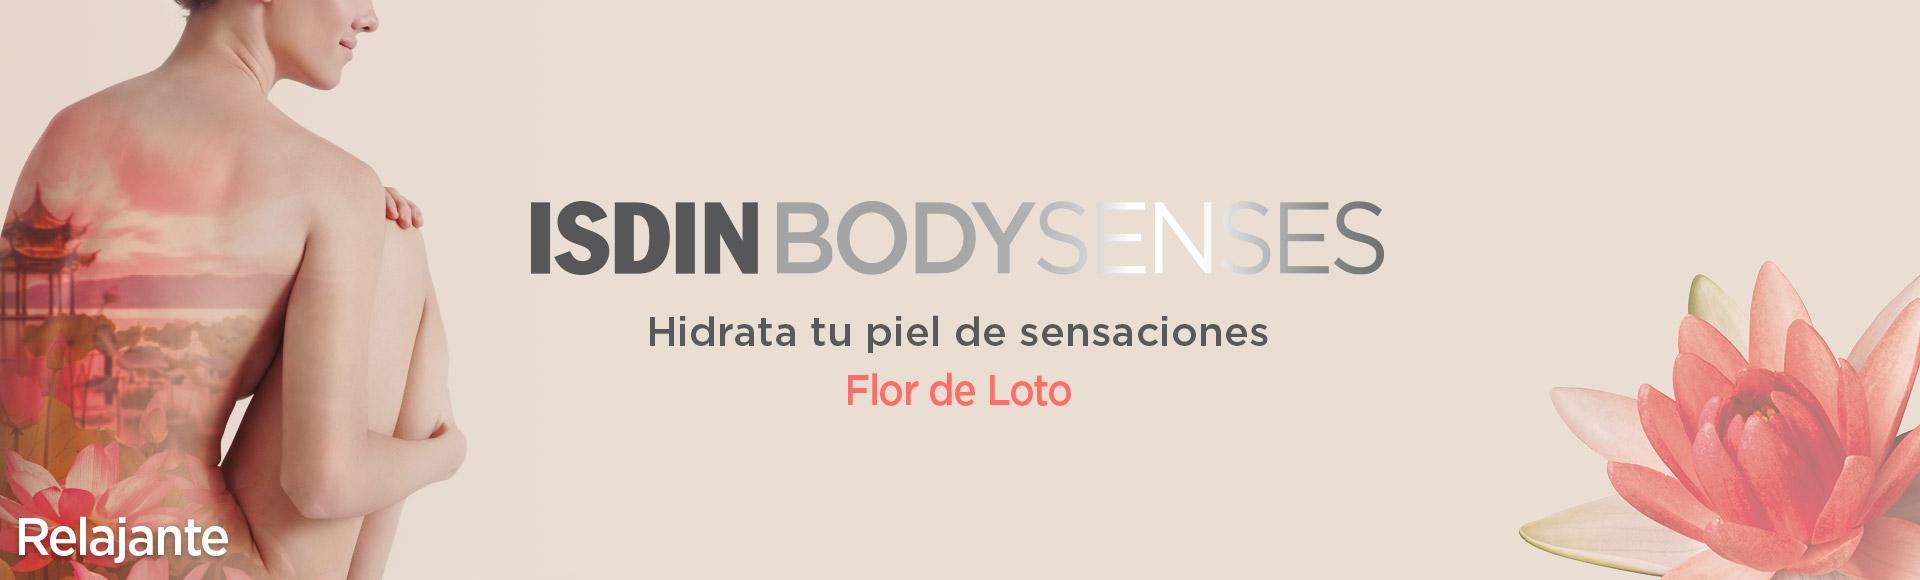 Isdin BodySenses Relajante Flor de Loto productos en Farma2go